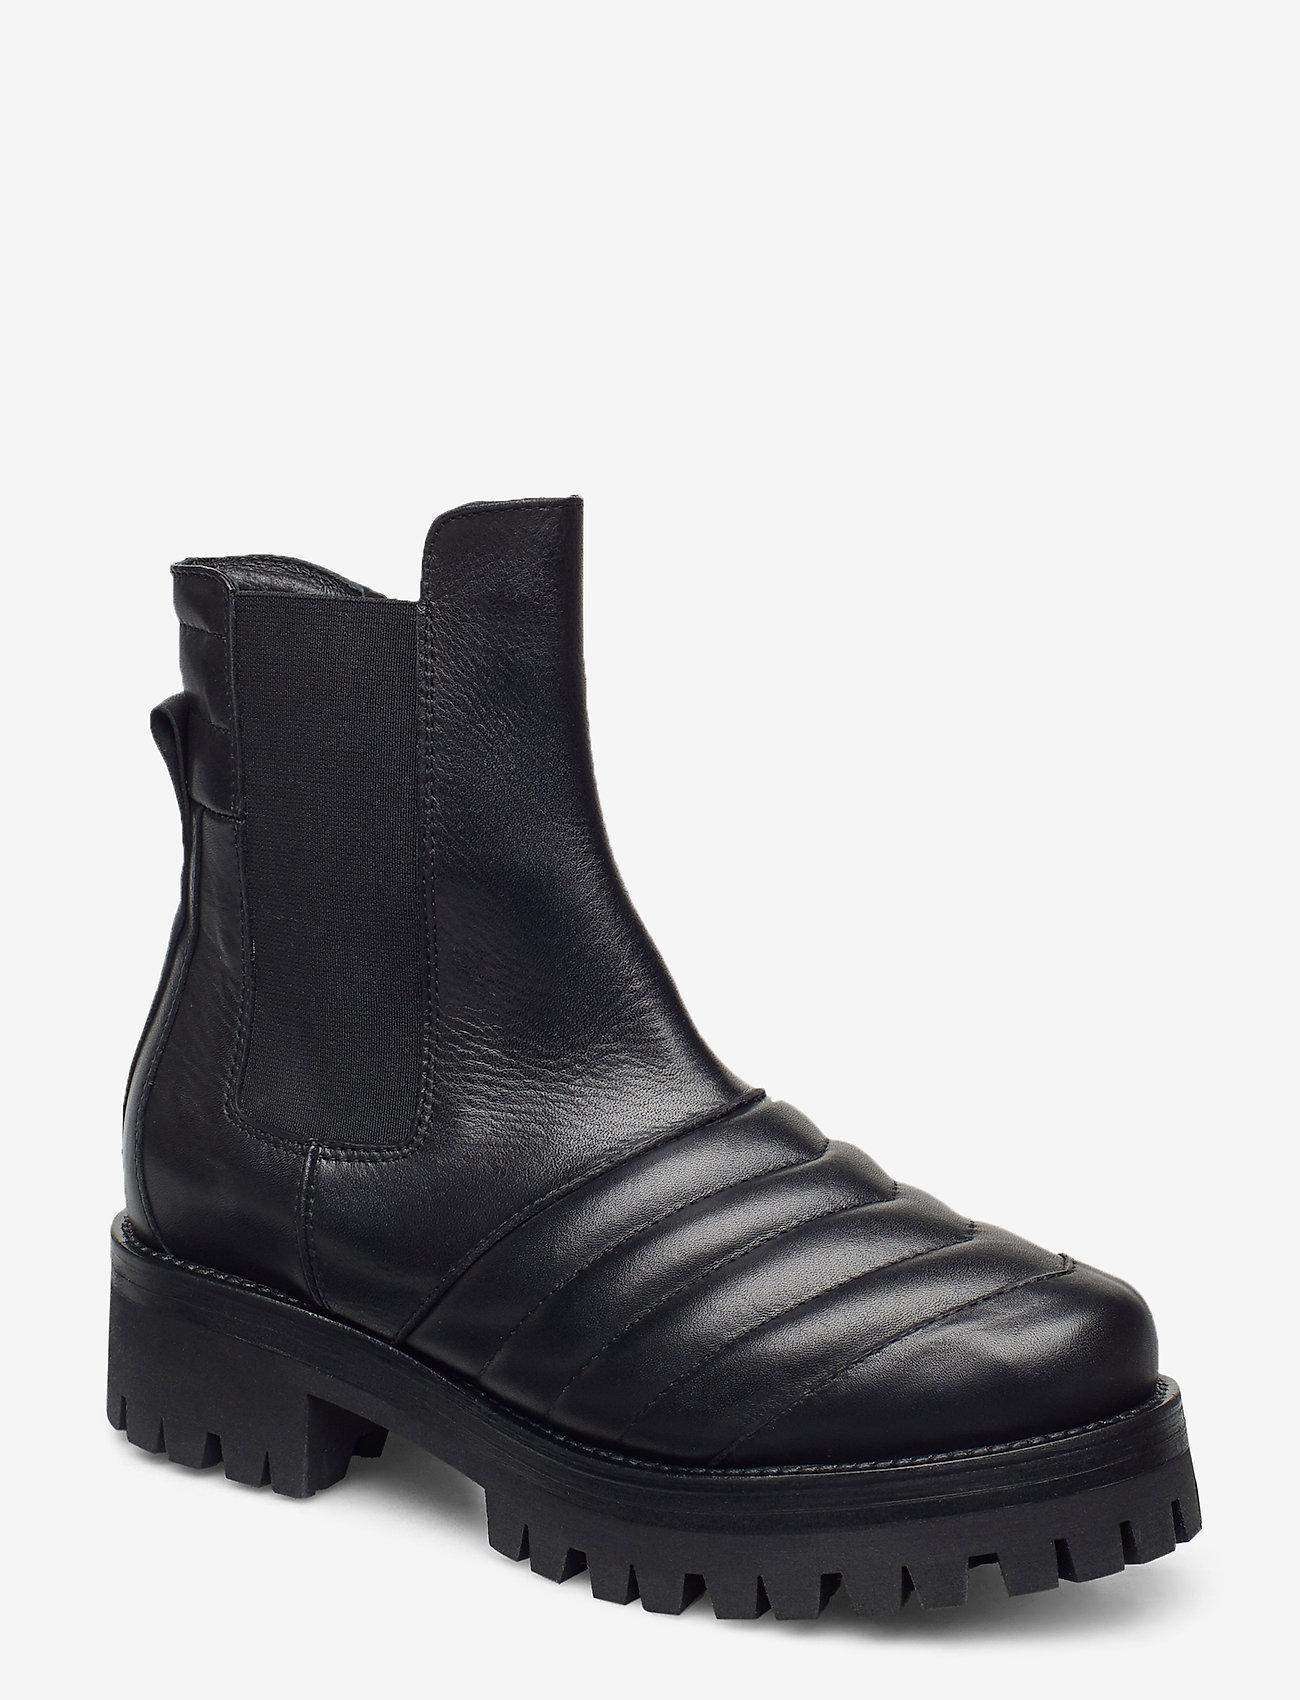 Nude of Scandinavia - IGGY - chelsea boots - savana/nero - 0